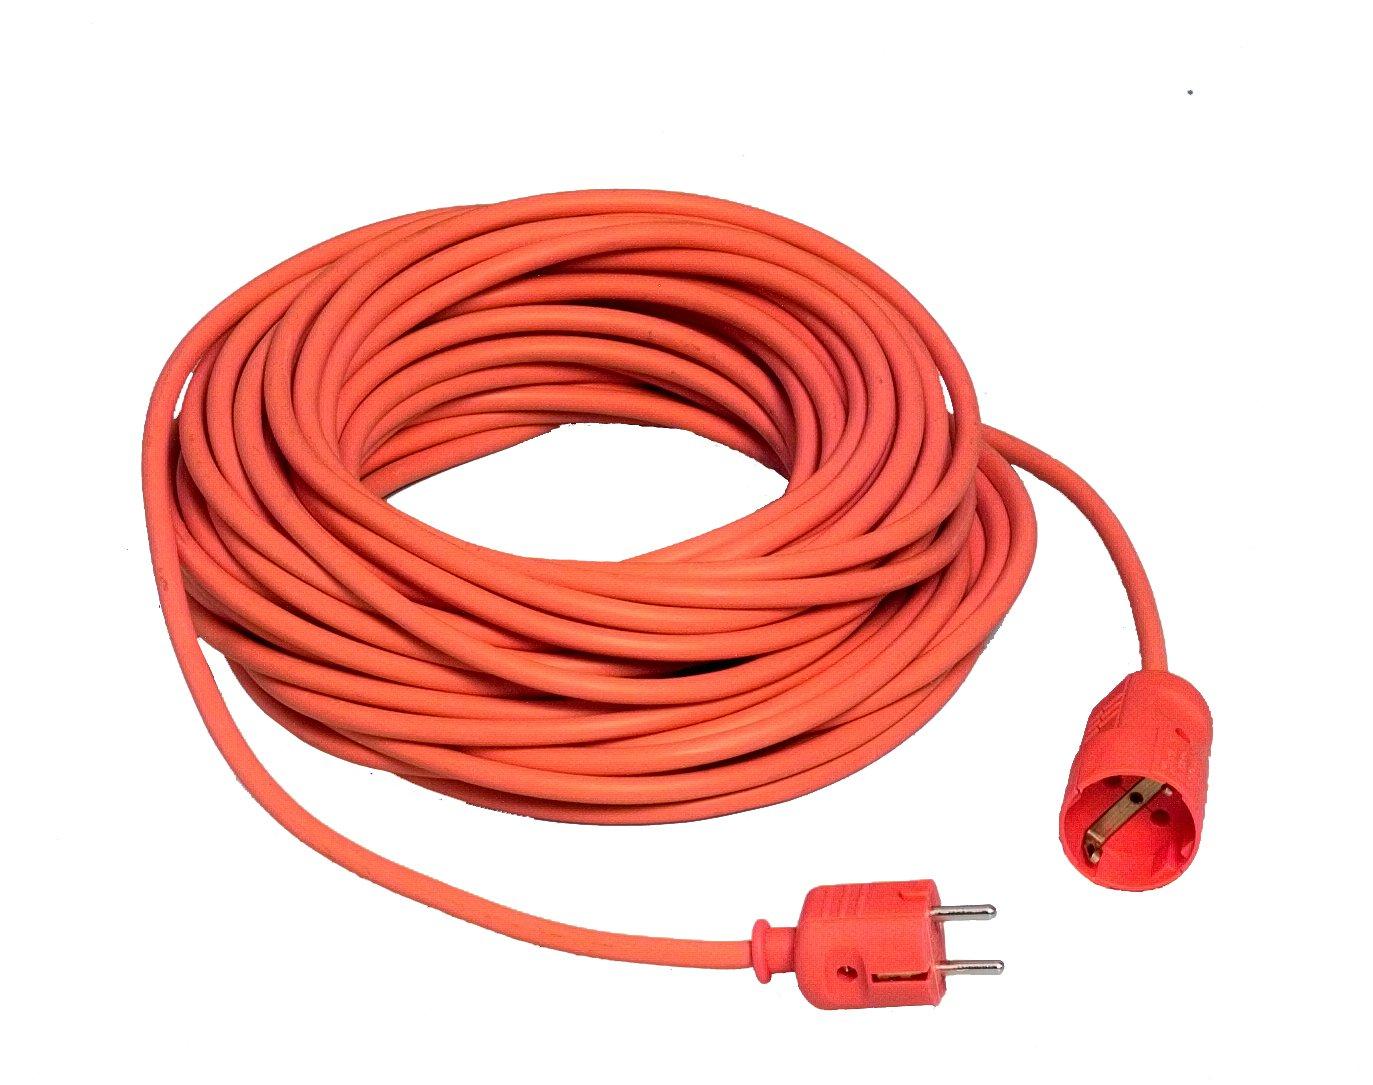 Unitec 46452SCHUKO EXTENSION H05VV-F 3G 1.5mm² 25m Orange